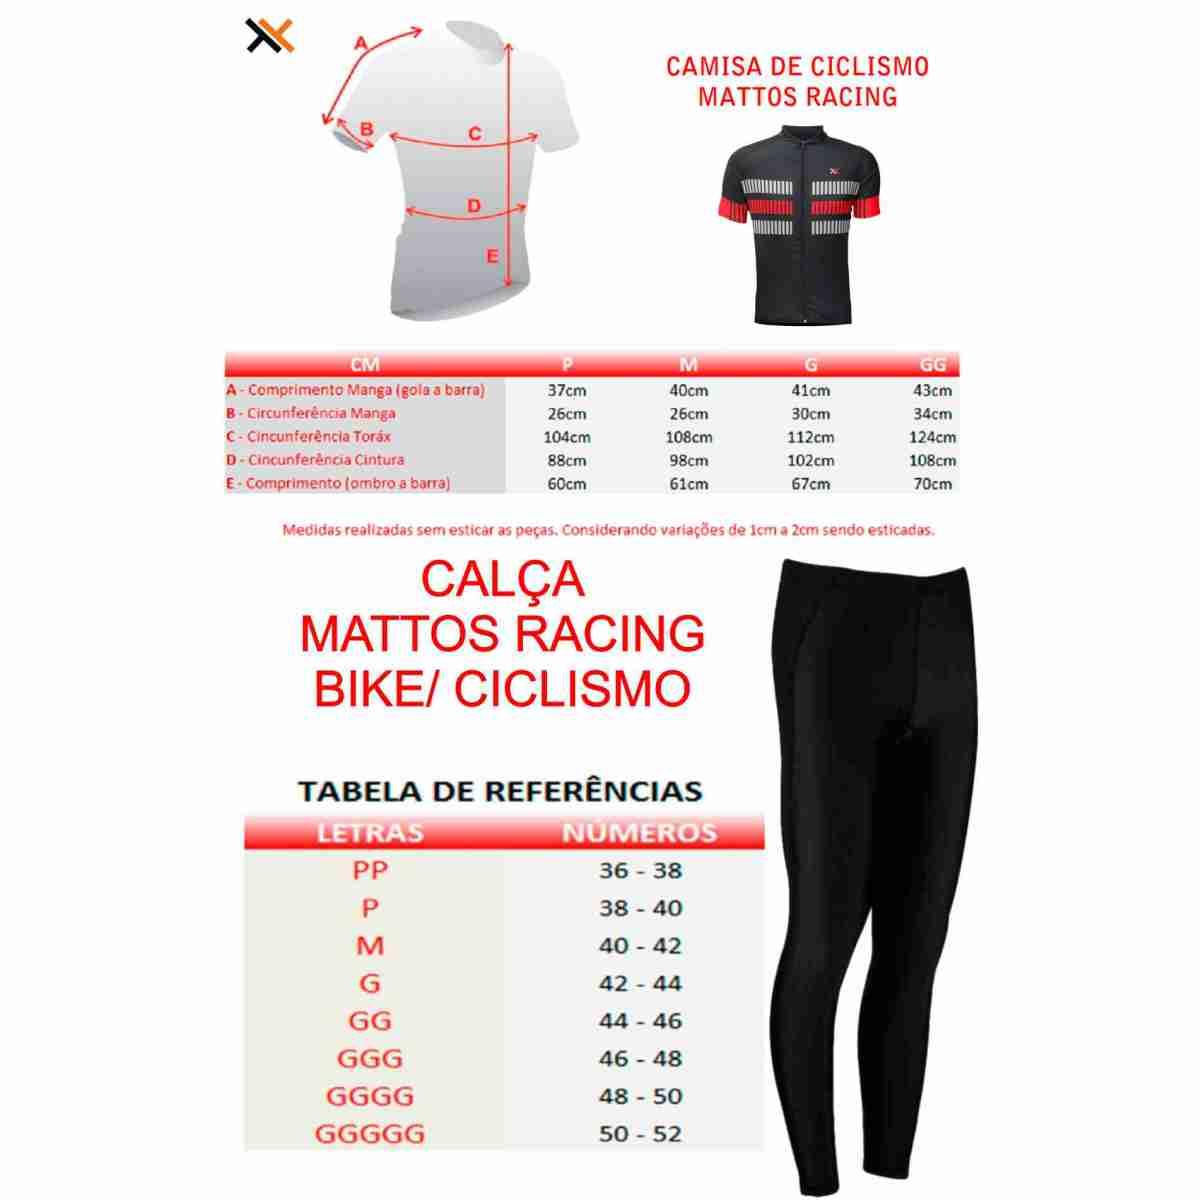 CONJUNTO CICLISMO CAMISA MATTOS RACING BIKE TRACK MTB VERMELHO + CALÇA FORRO GEL MOUNTAIN BIKE